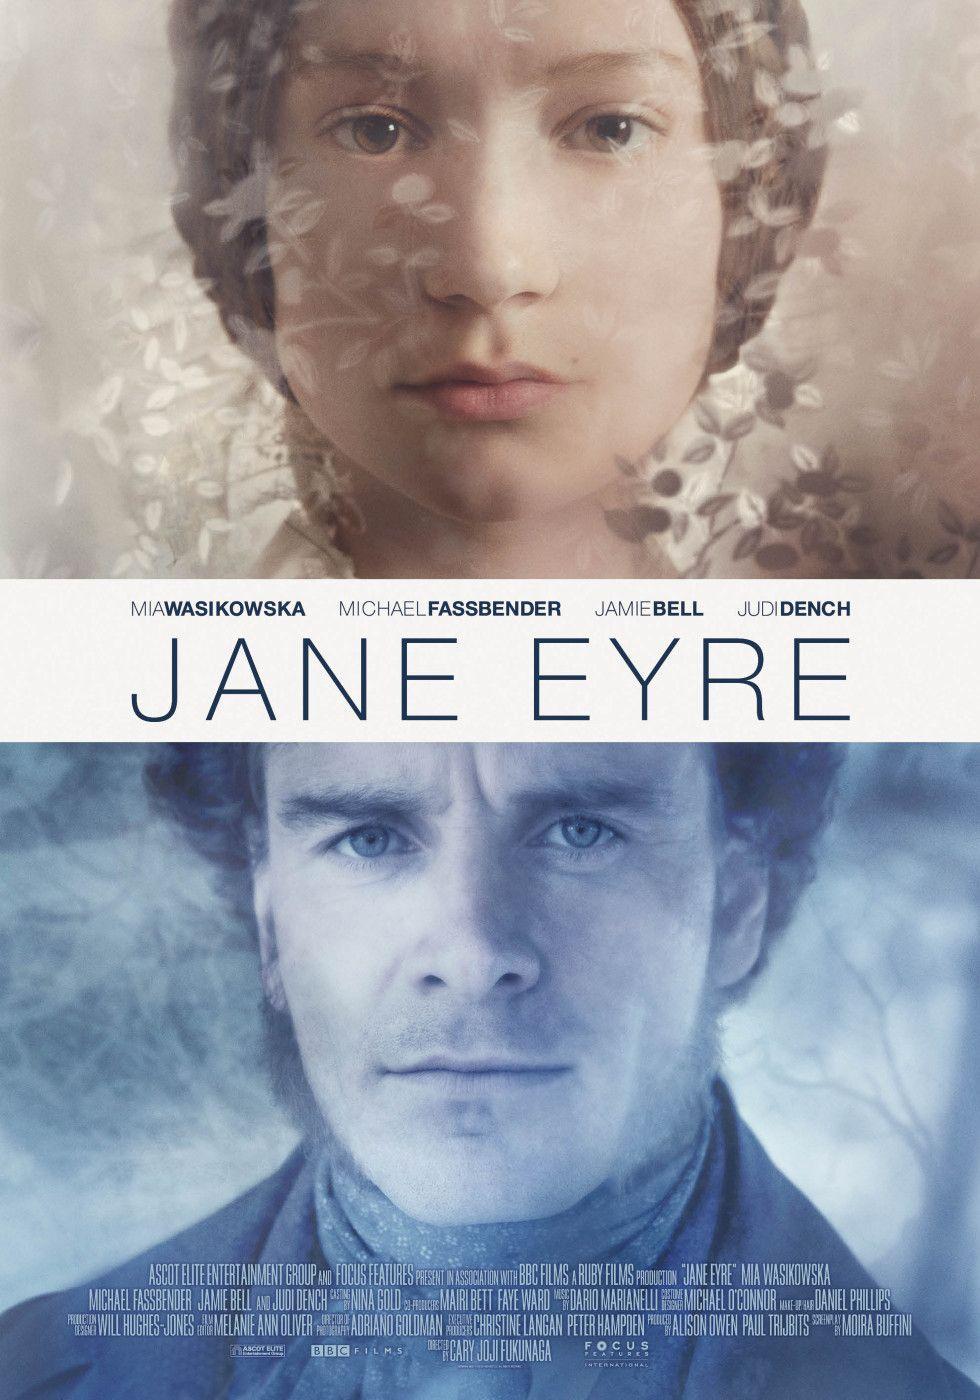 Poster Bilder Jane Eyre 2011 Movies Outnow Michael Fassbender Jane Eyre Filme